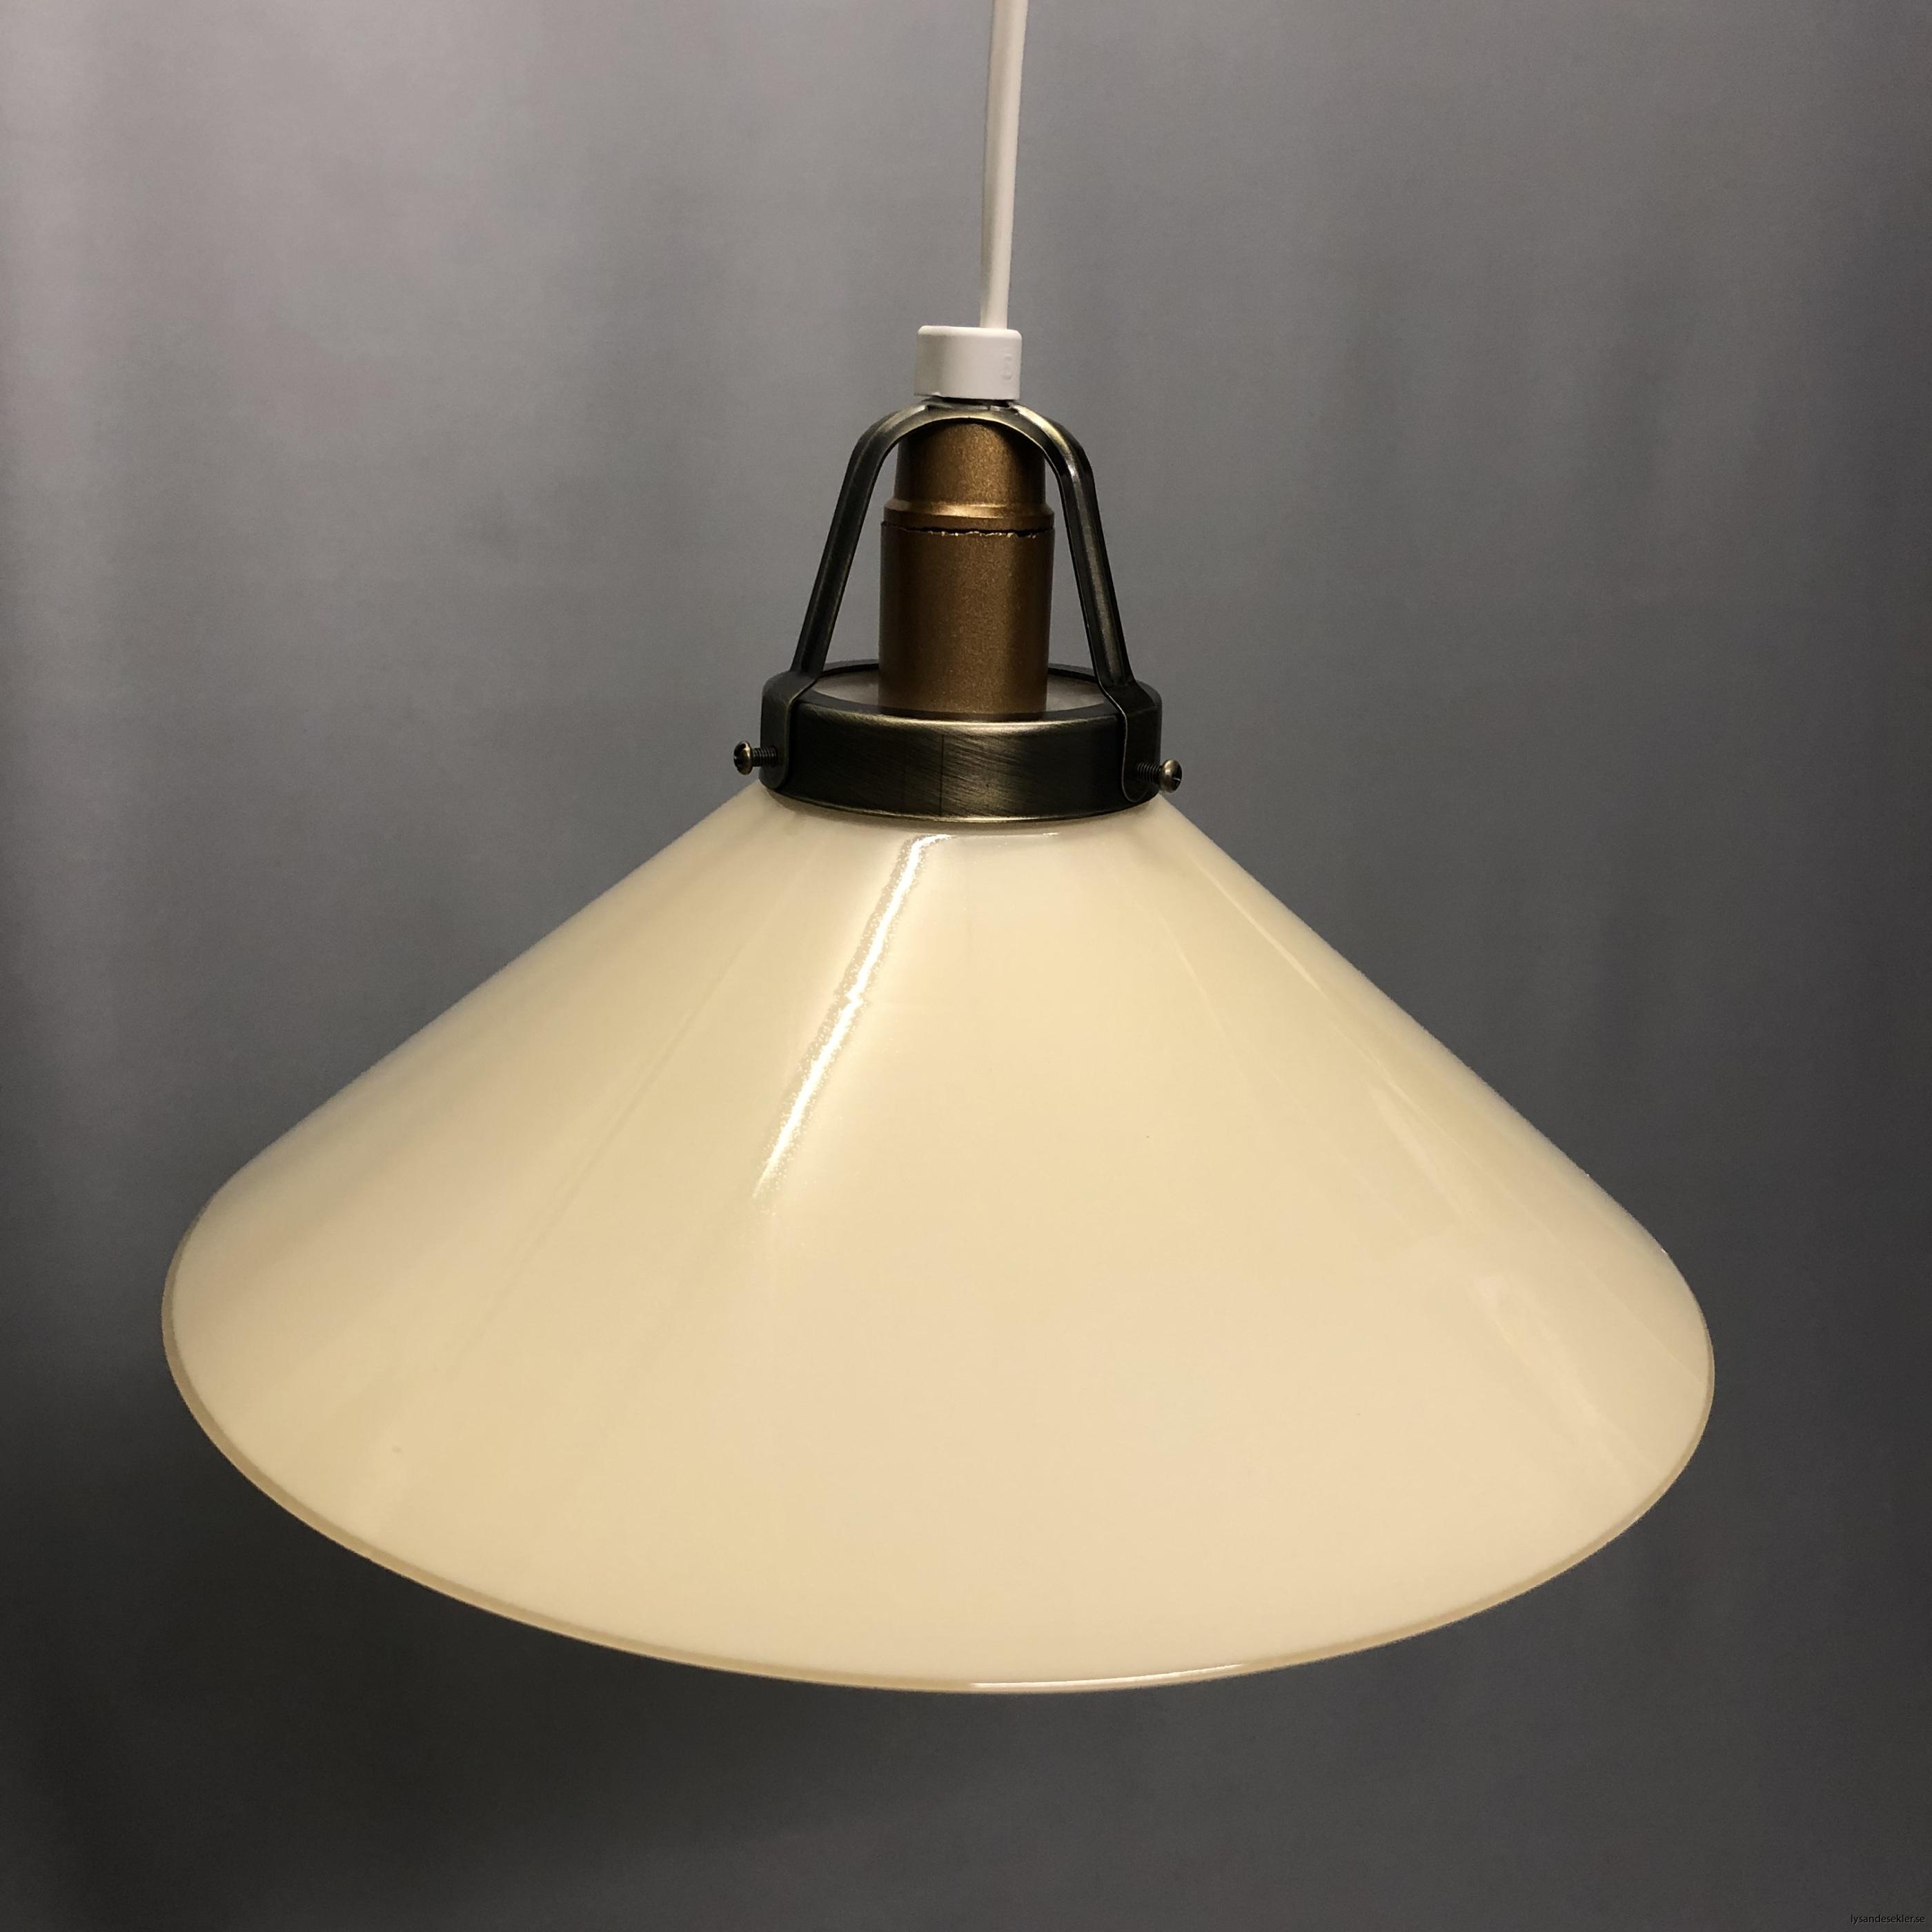 gul skomakarlampa skomakarelampa vanilj beige21